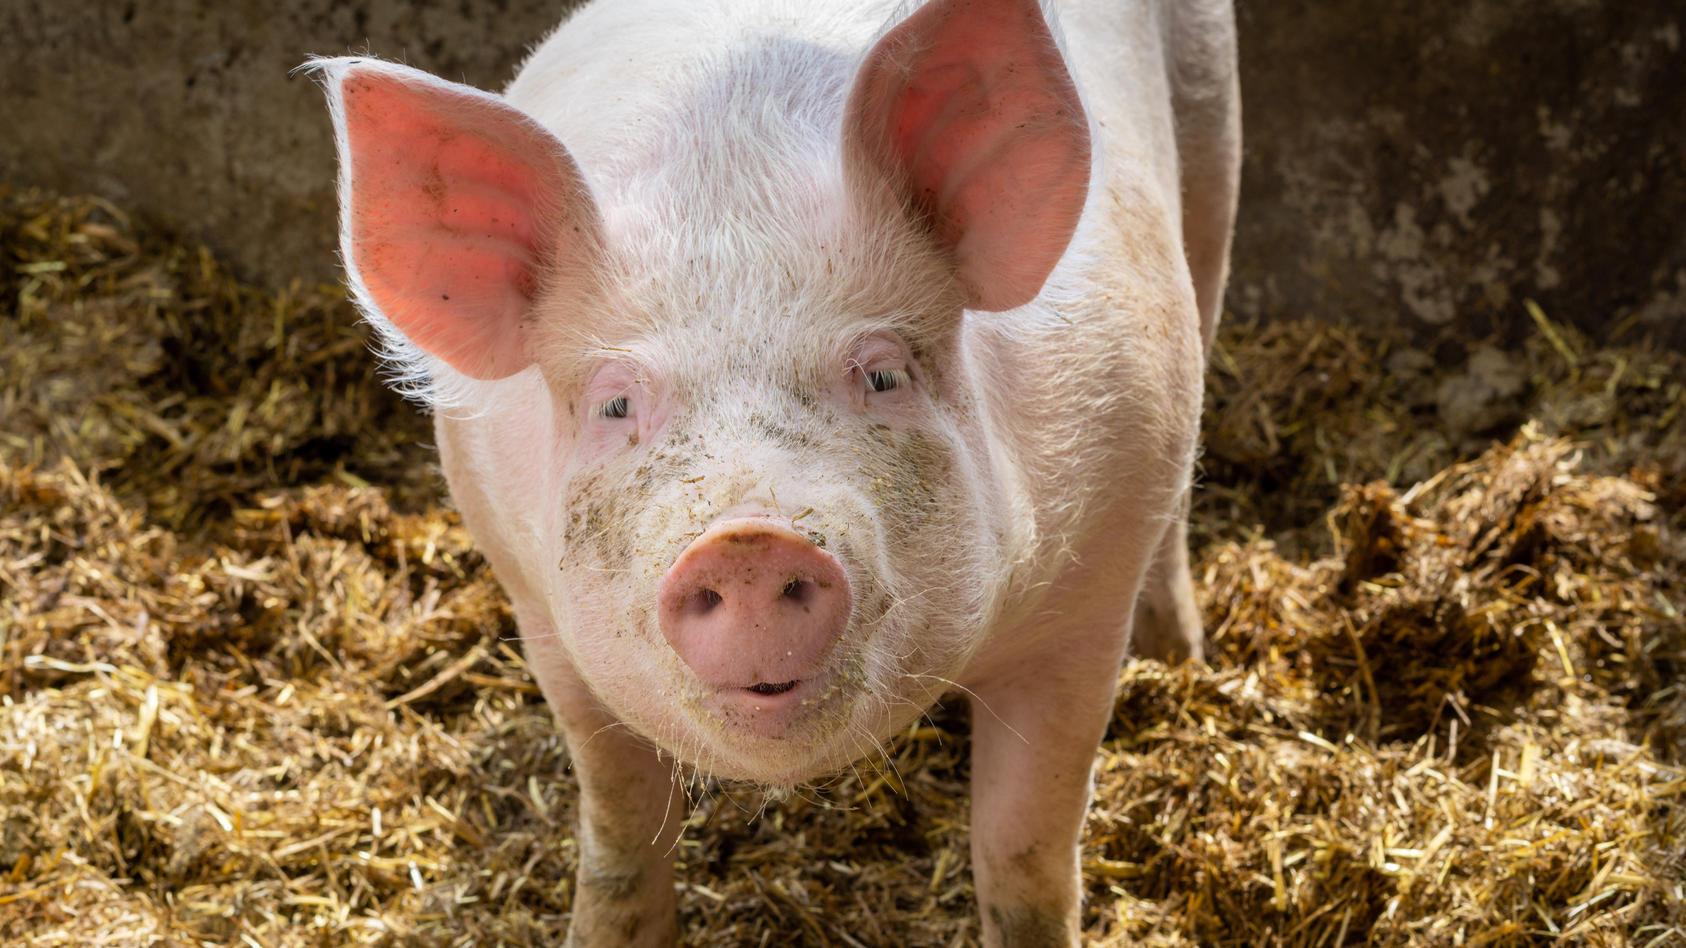 Bisher wurde Sads-CoV nur bei Schweinen nachgewiesen - nun auch bei Menschen? (Symbolbild)